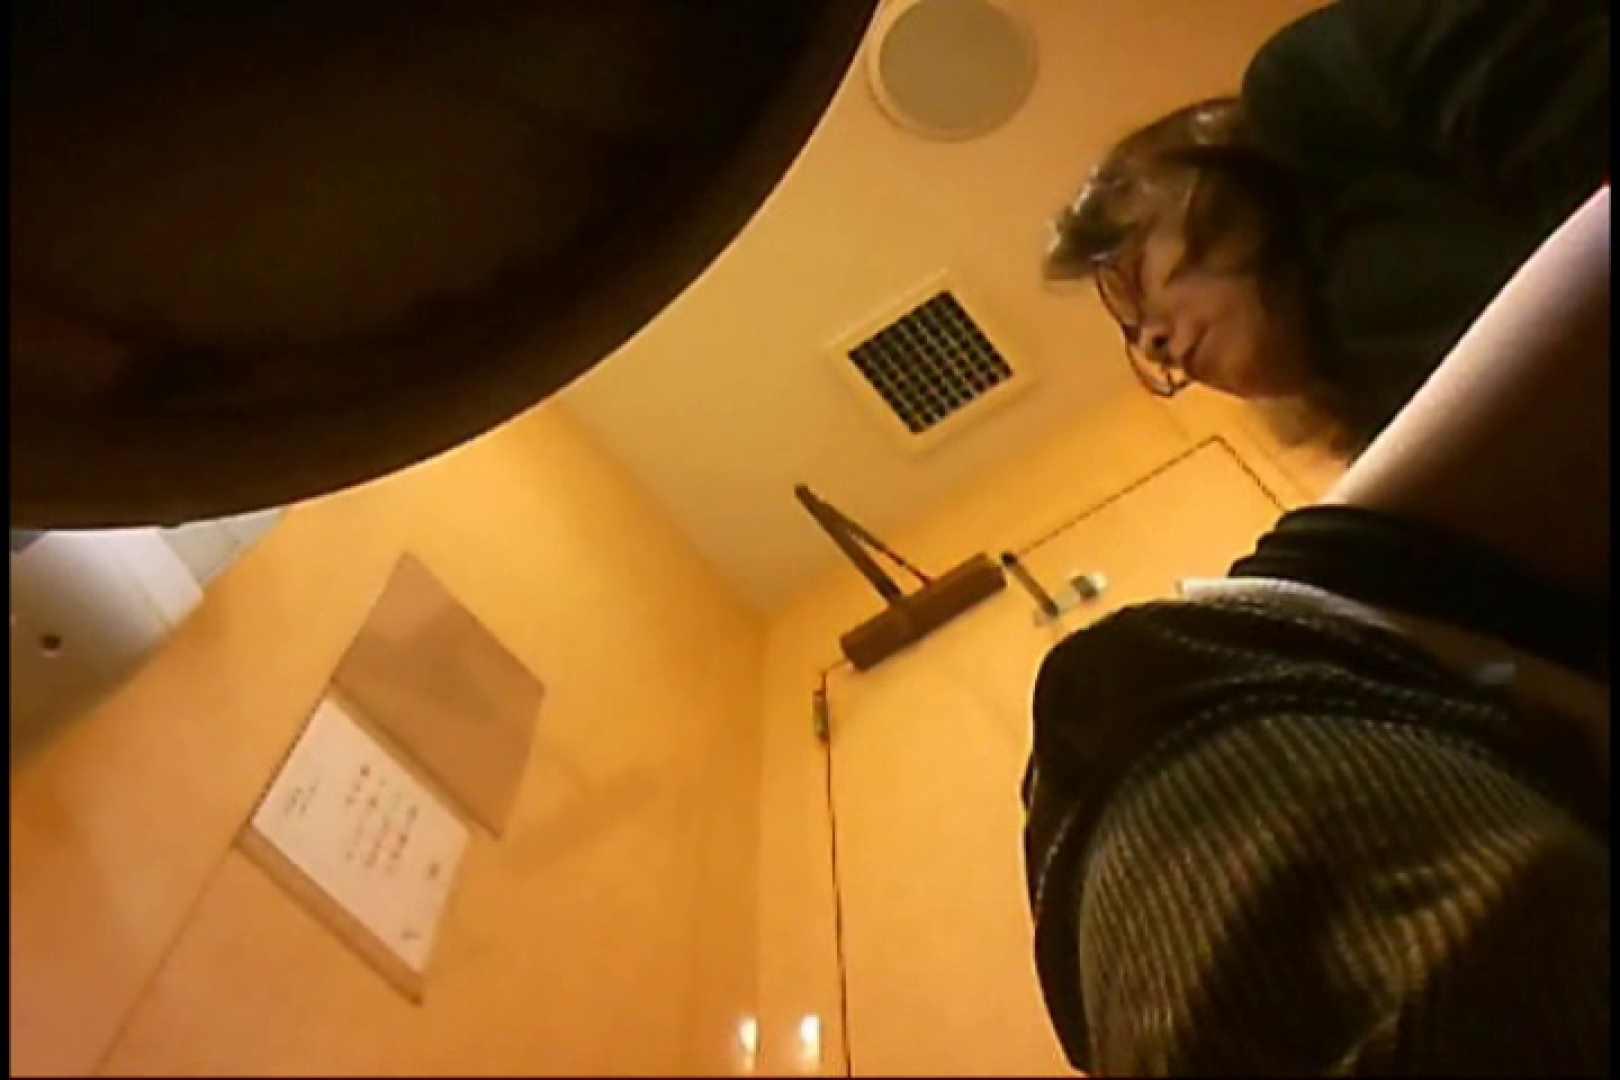 実録!魂の女子化粧室盗撮!!~隠れ潜む特殊カメラ~vo,20 熟女のエロ動画 おまんこ無修正動画無料 108PIX 71